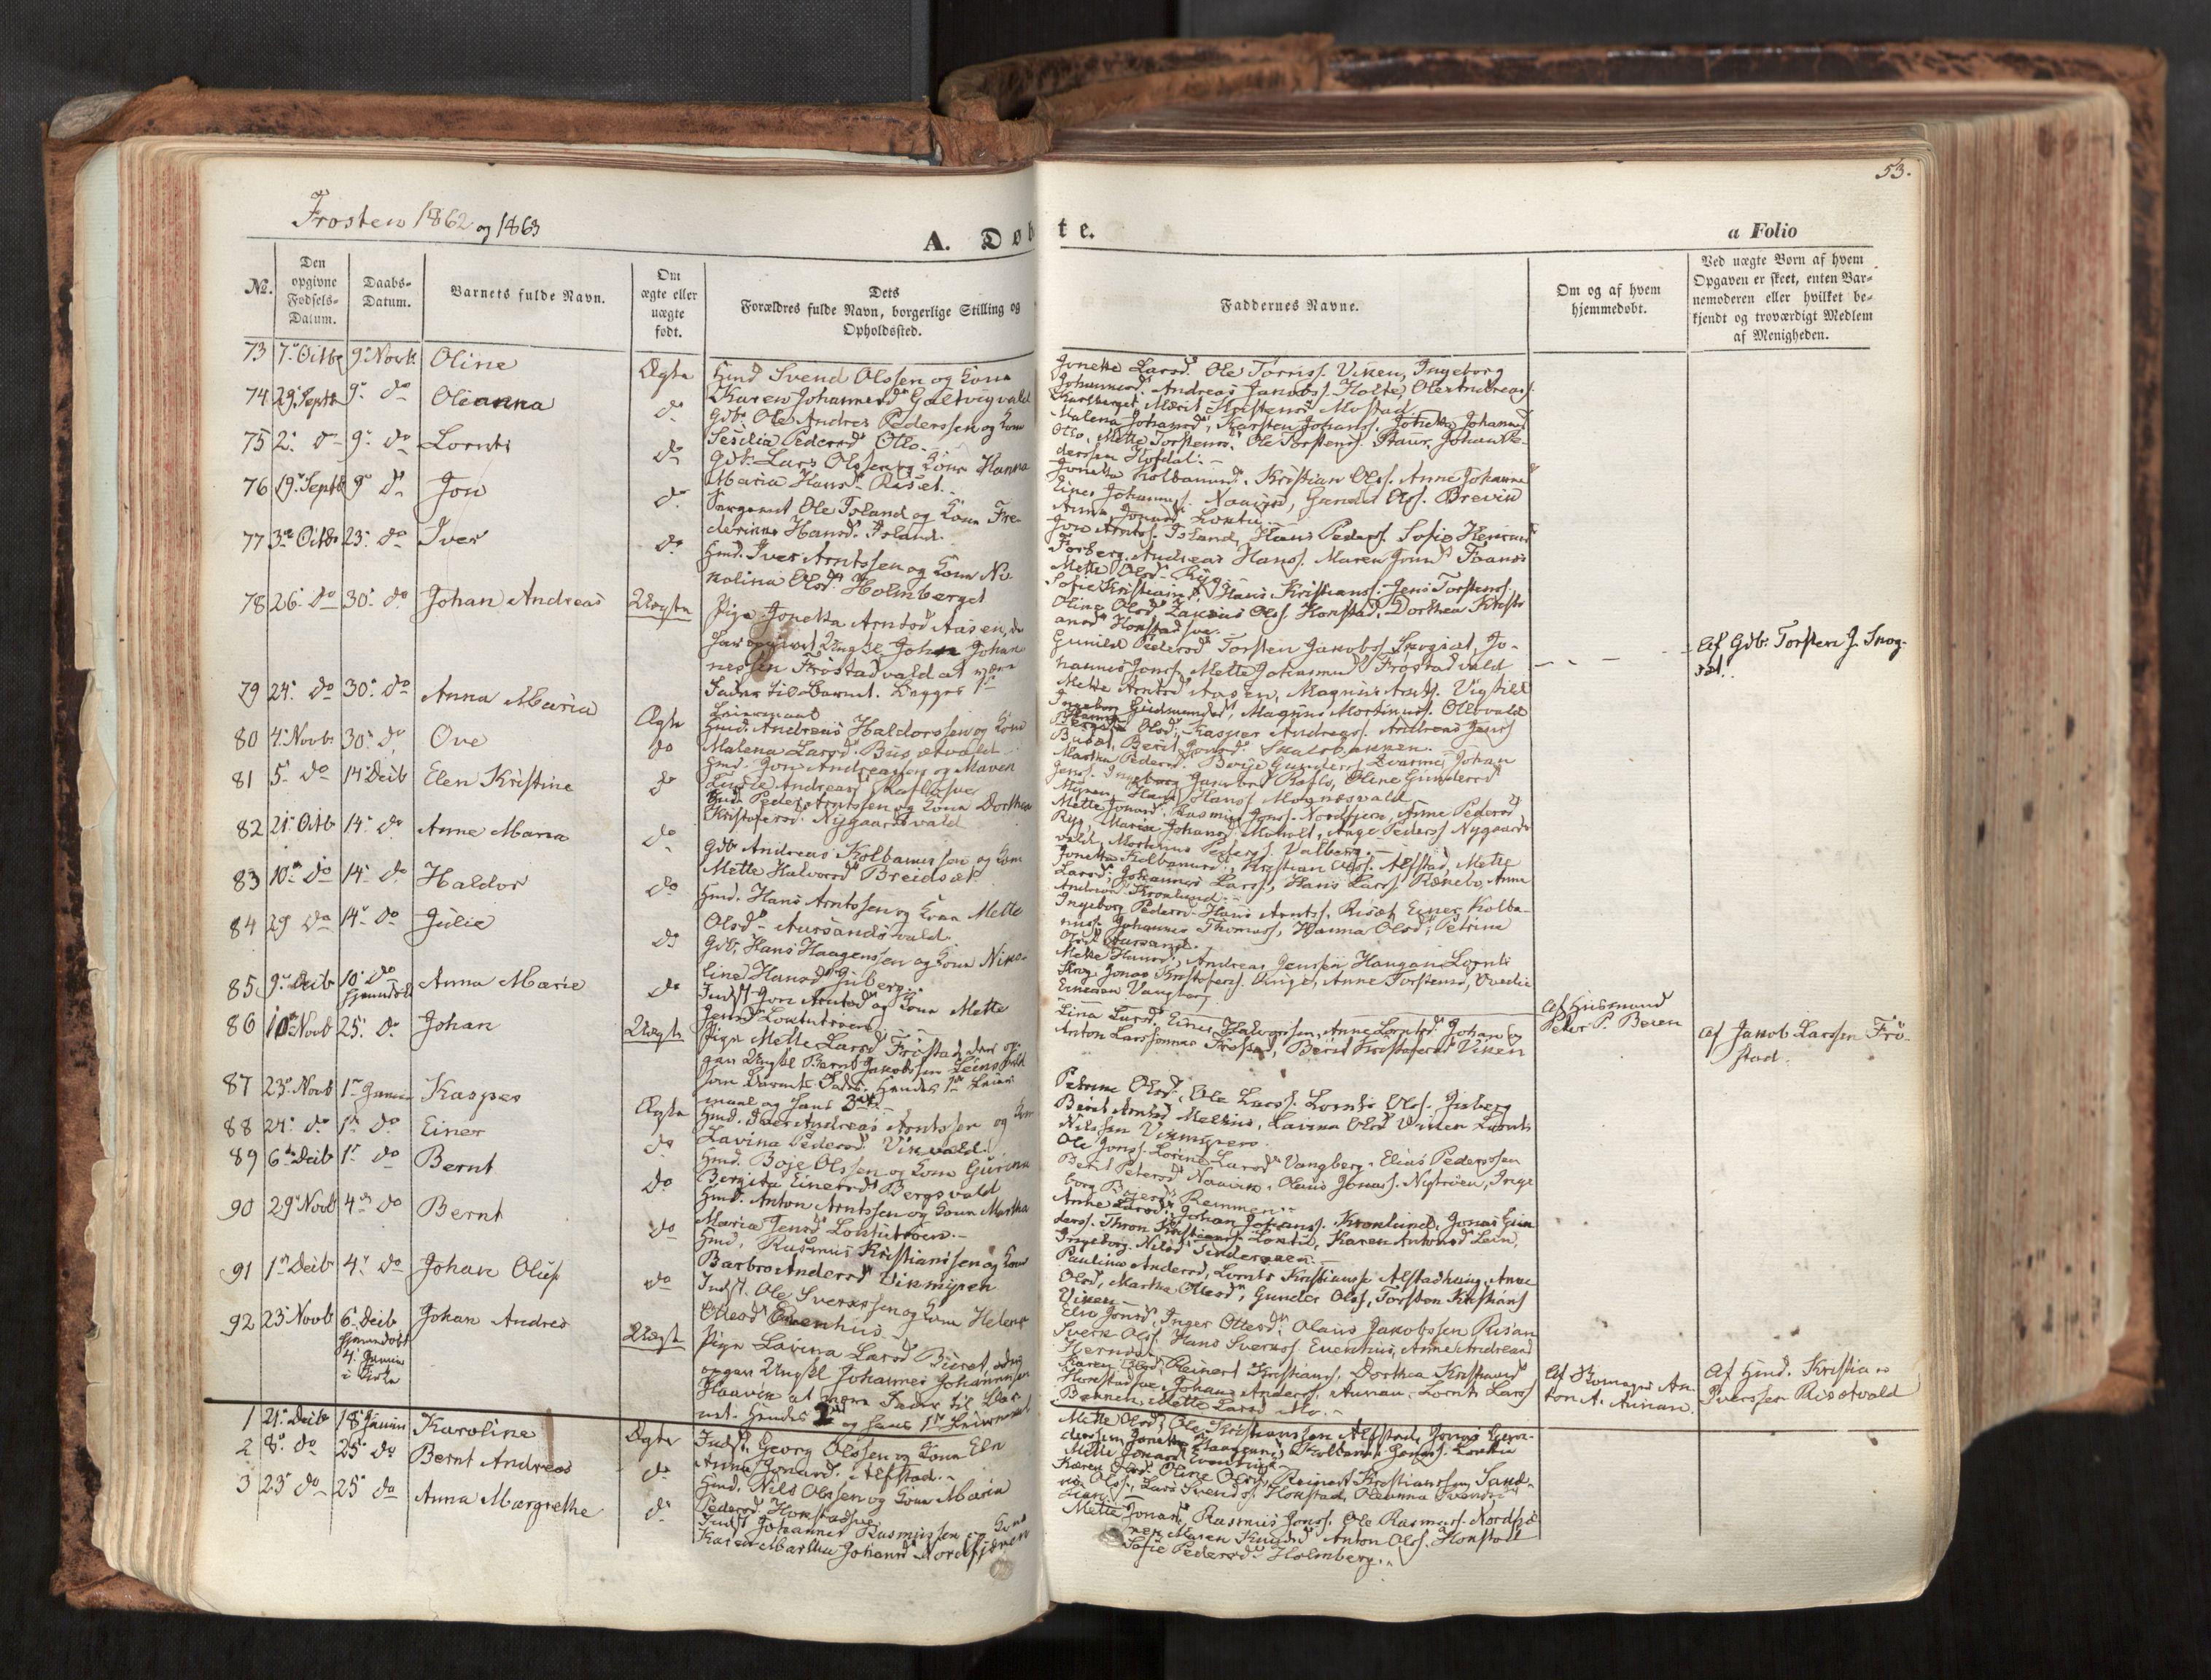 SAT, Ministerialprotokoller, klokkerbøker og fødselsregistre - Nord-Trøndelag, 713/L0116: Ministerialbok nr. 713A07, 1850-1877, s. 53